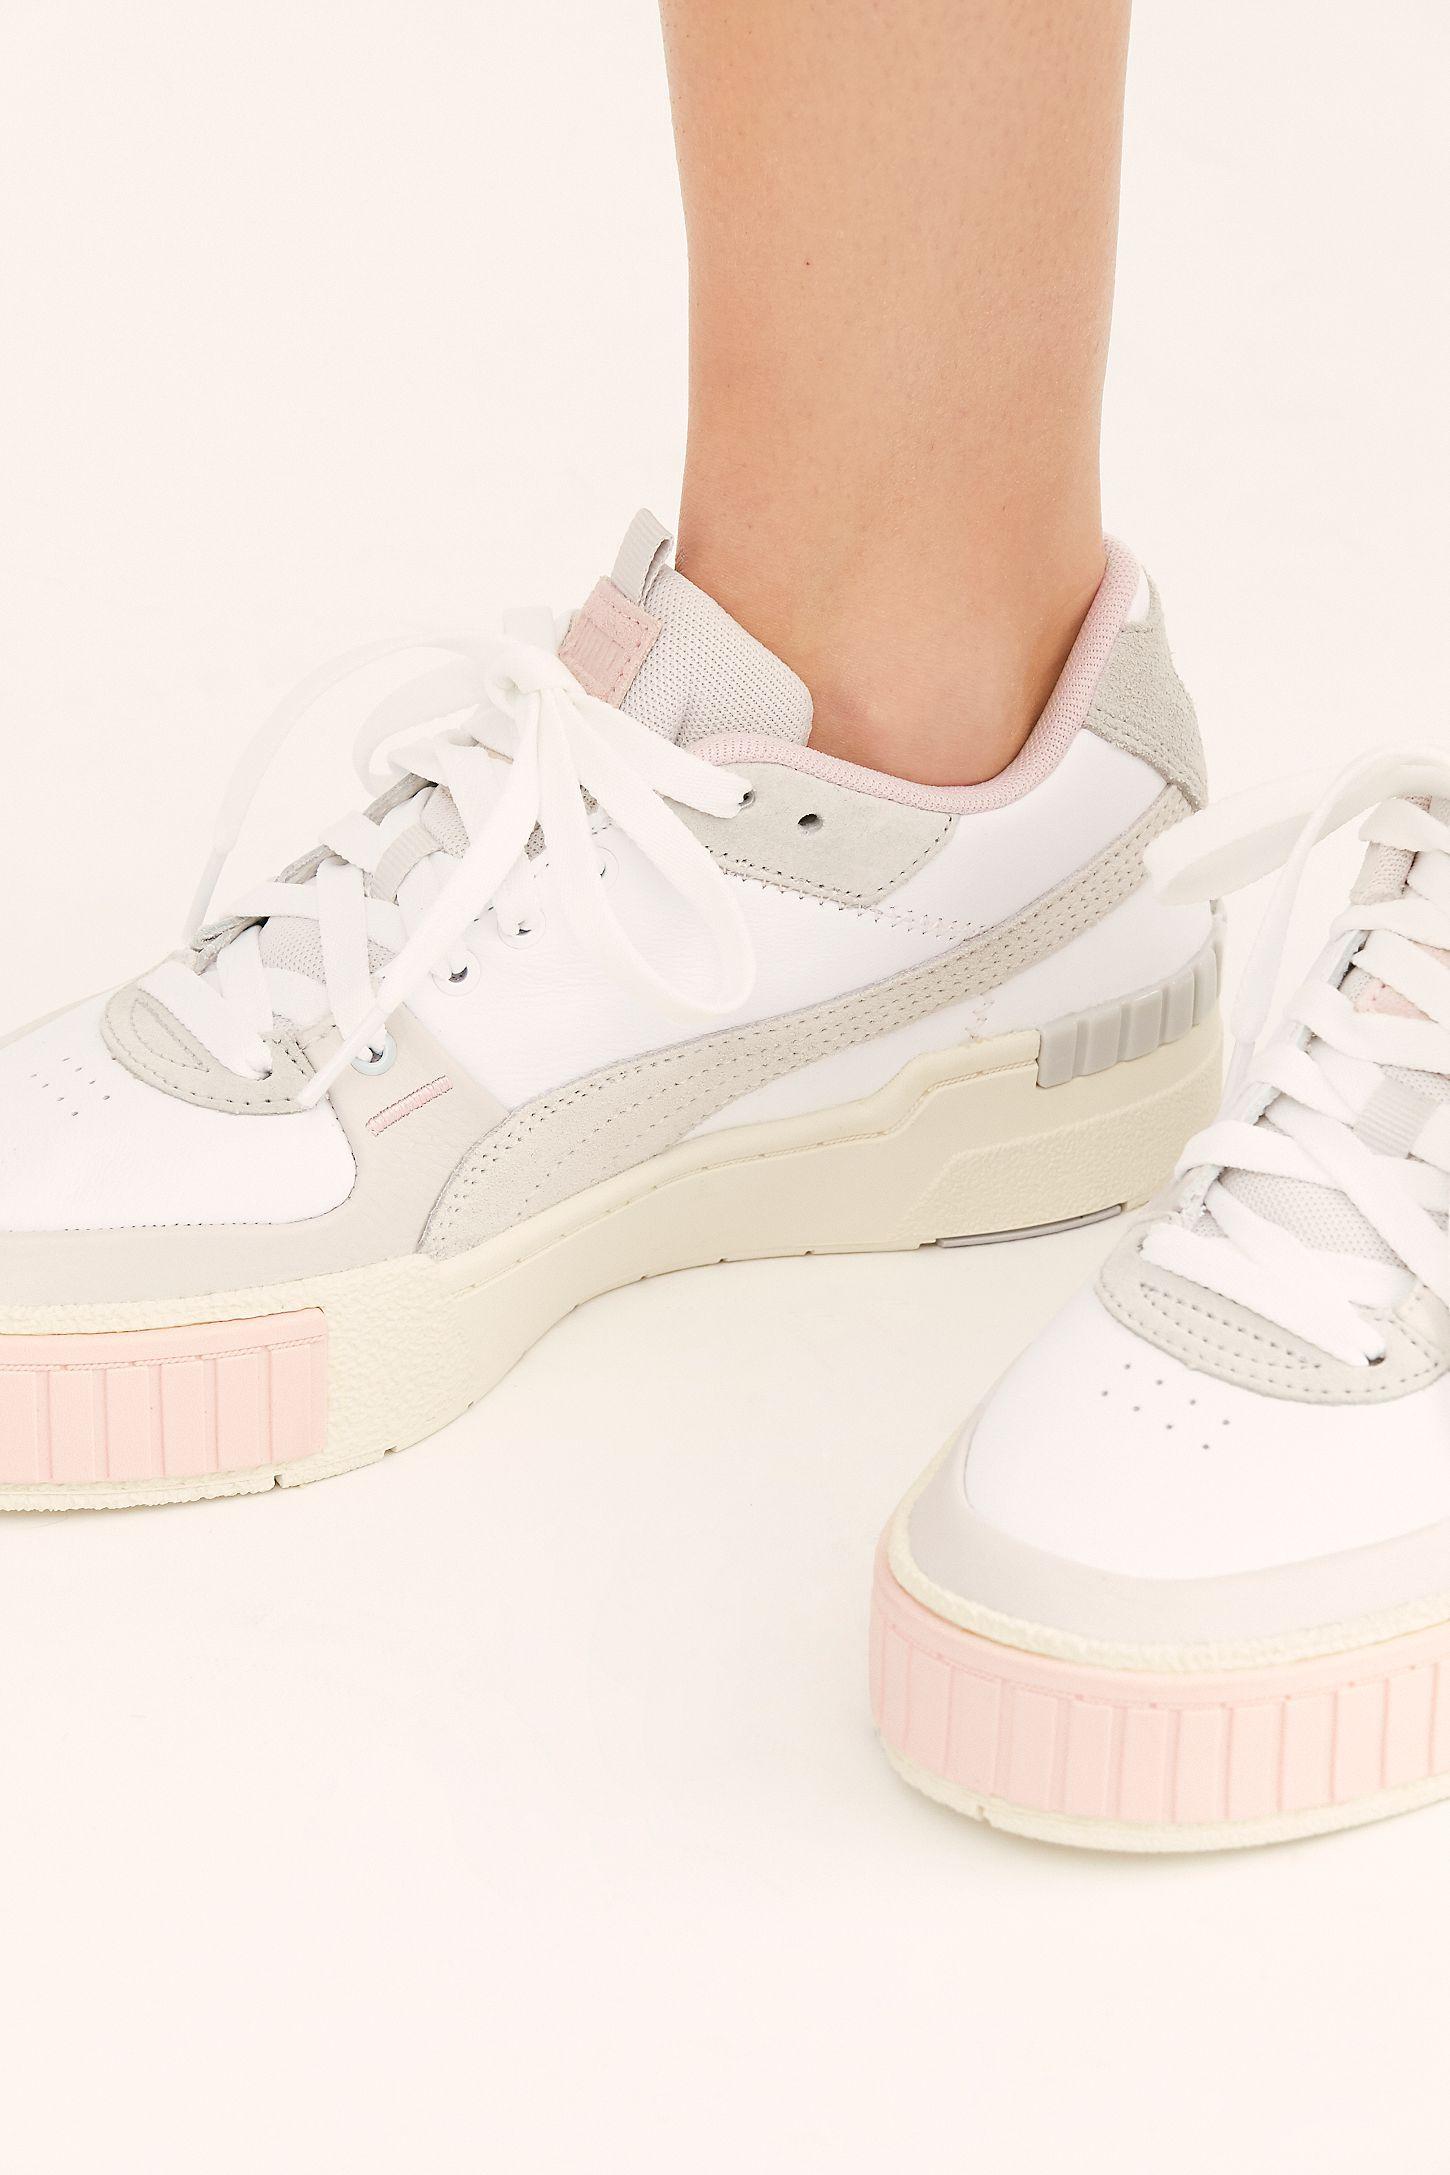 Cali Sport Sneakers in 2020 Girly sneakers, Cute